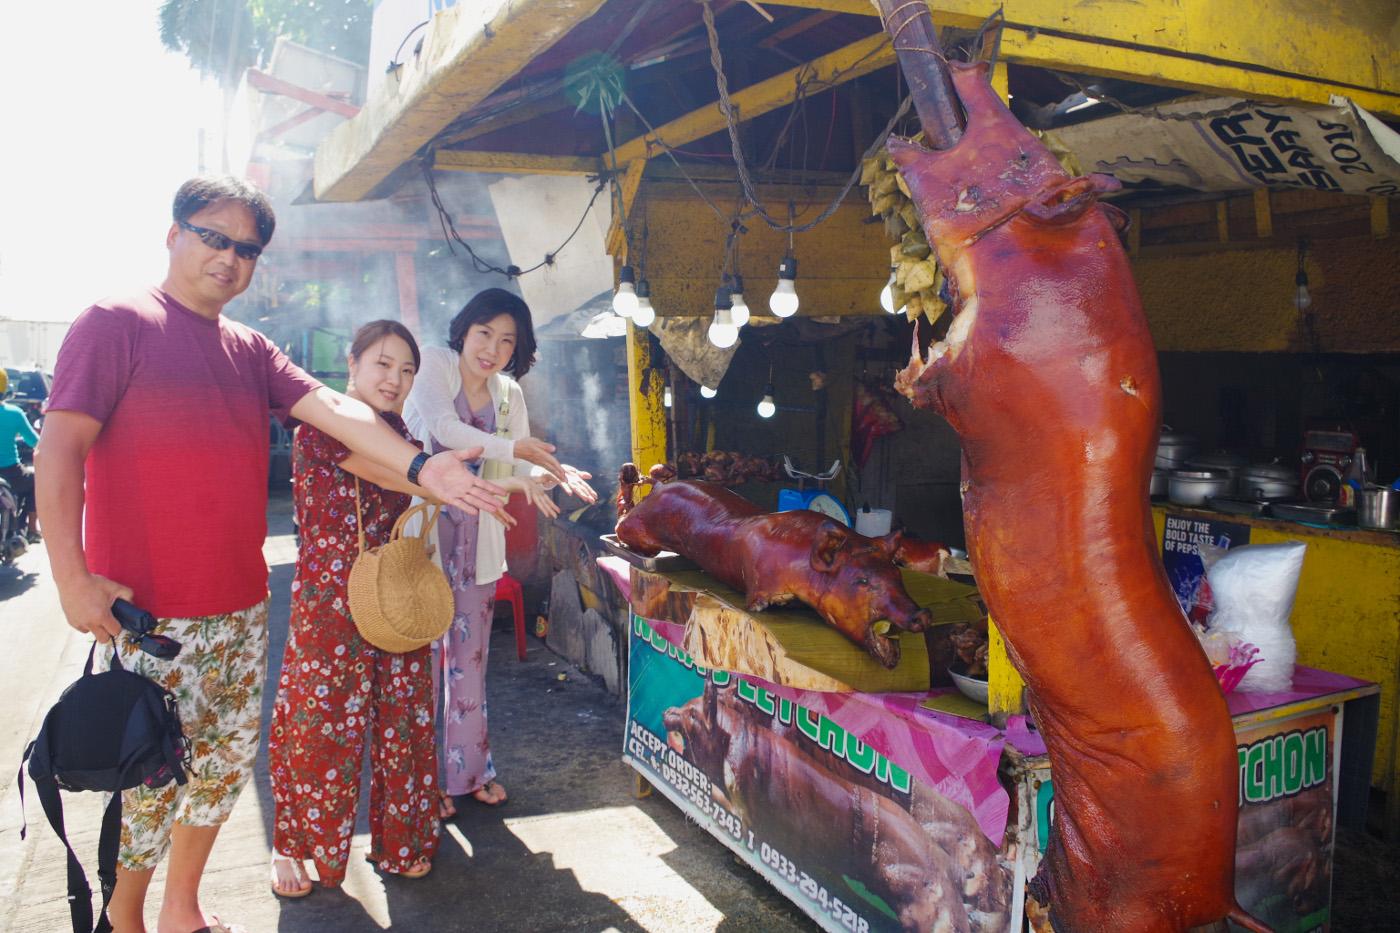 レチョン売場で豚の丸焼きを指さす男性と女性2名